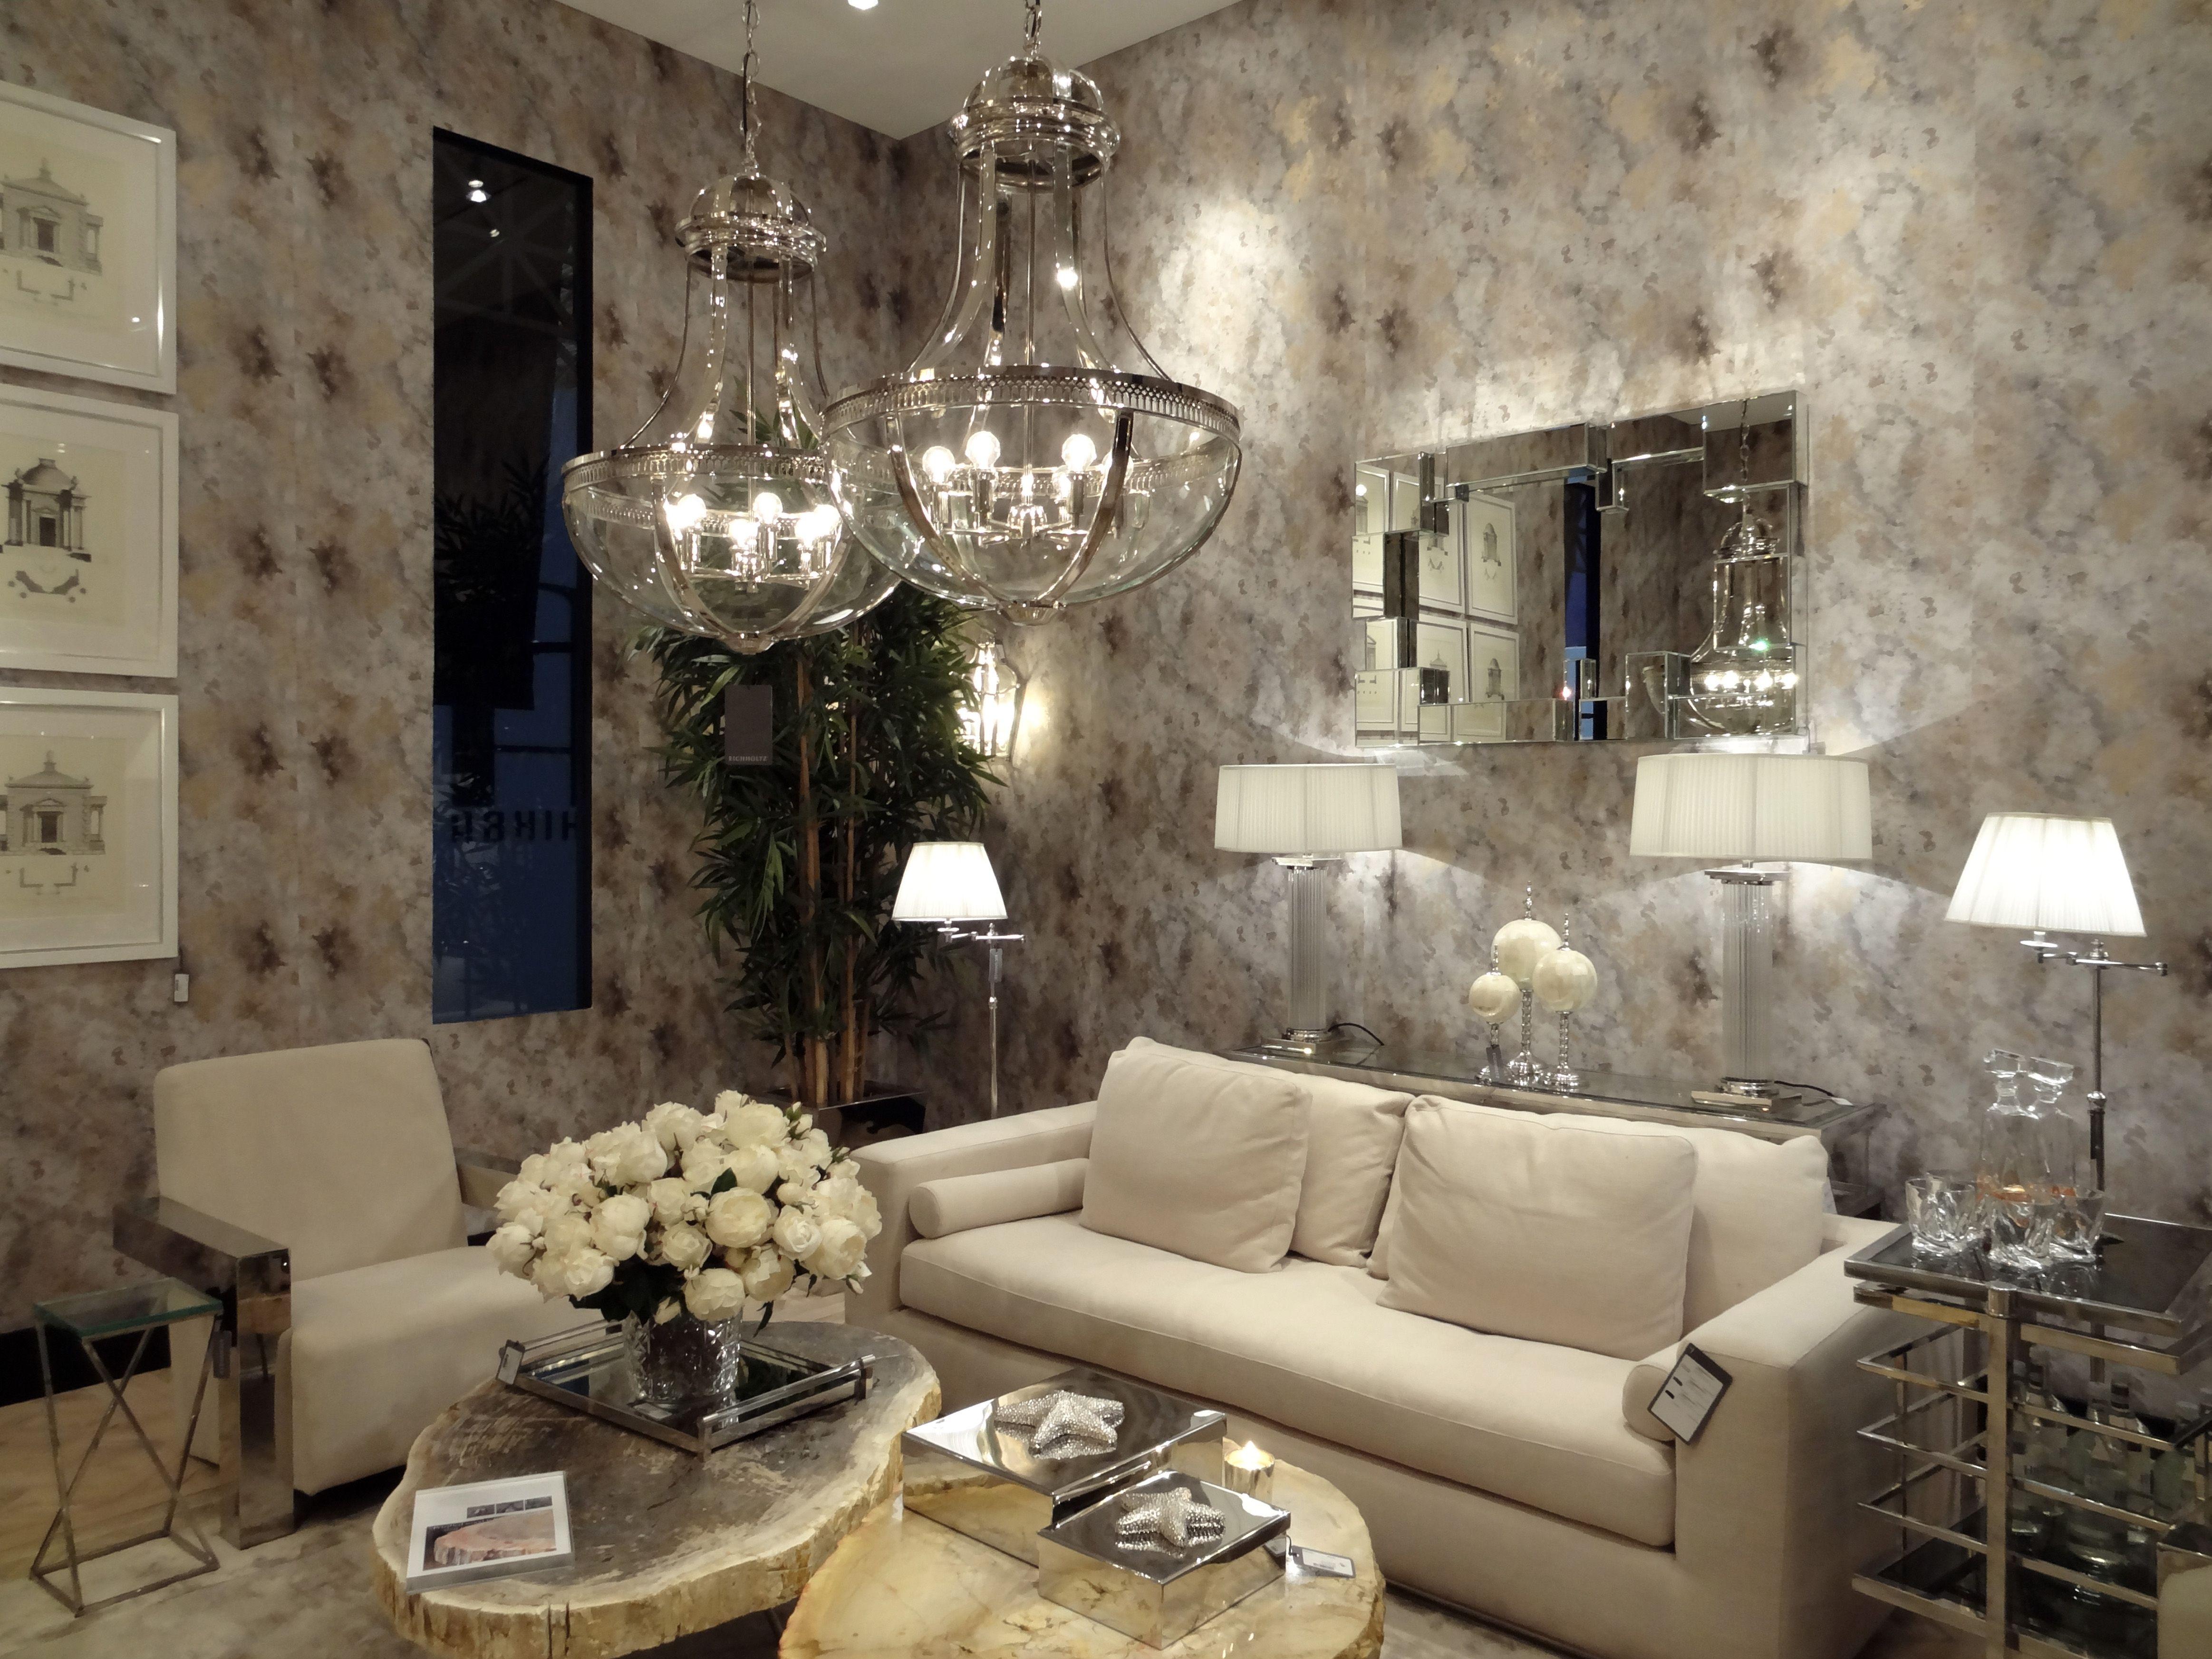 Objet Deco Interieur Design